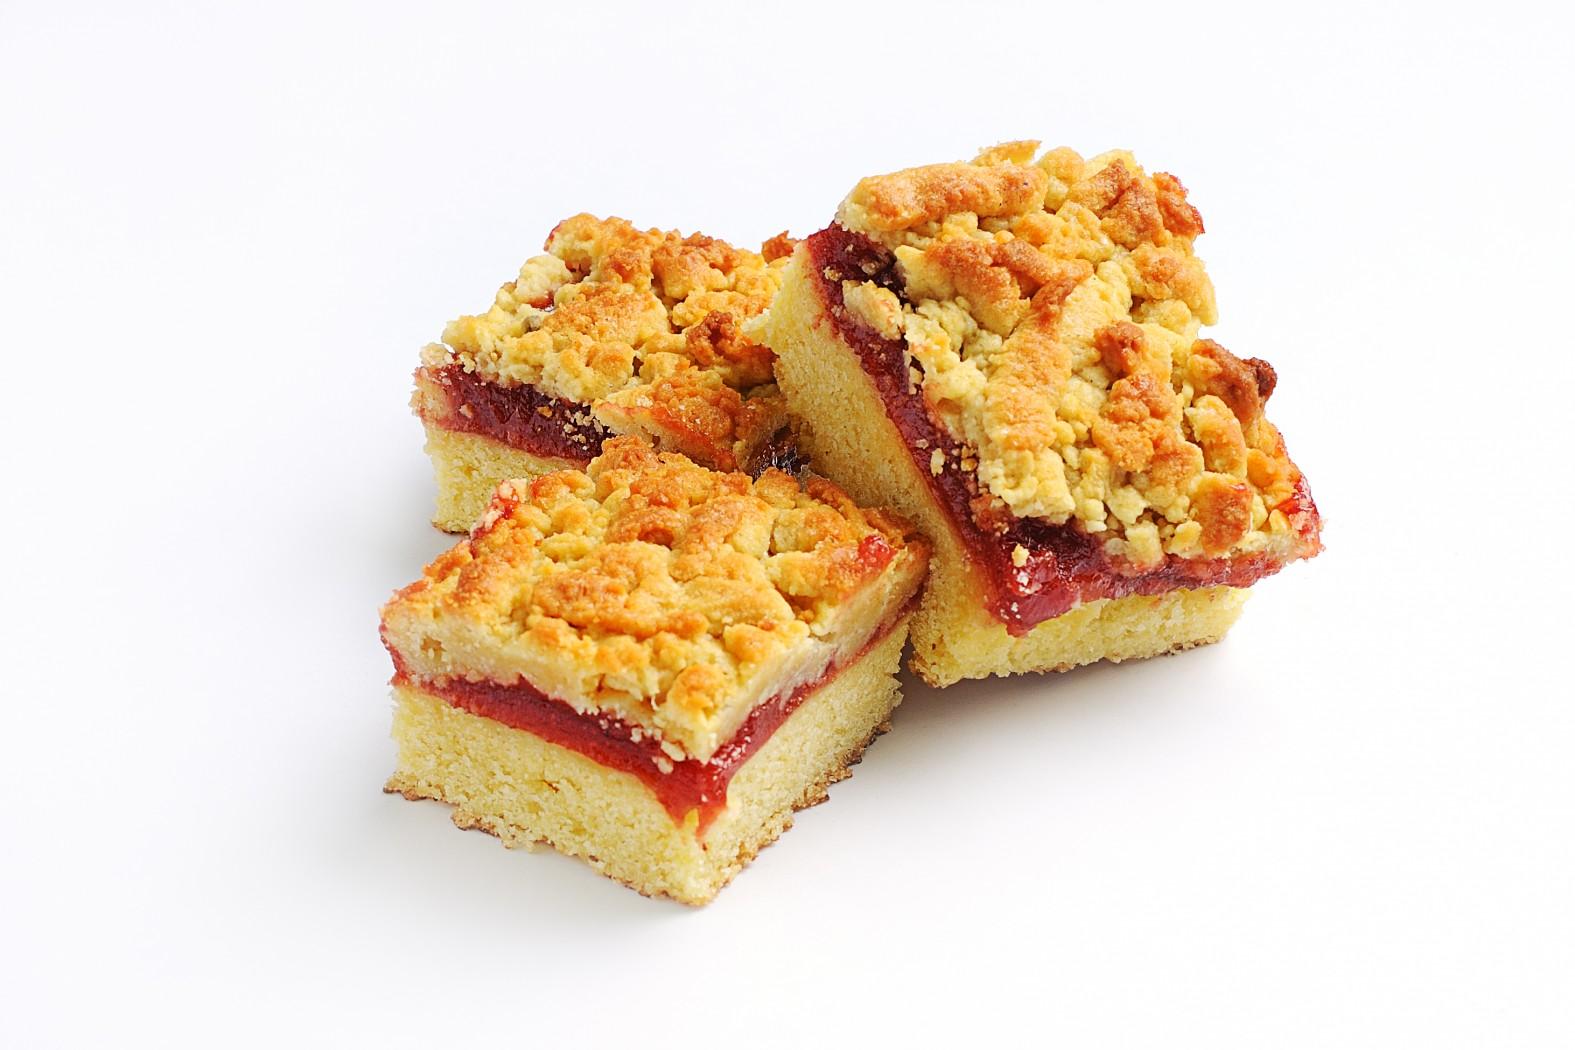 Печенье с вареньем и тертым тестом сверху рецепт пошагово